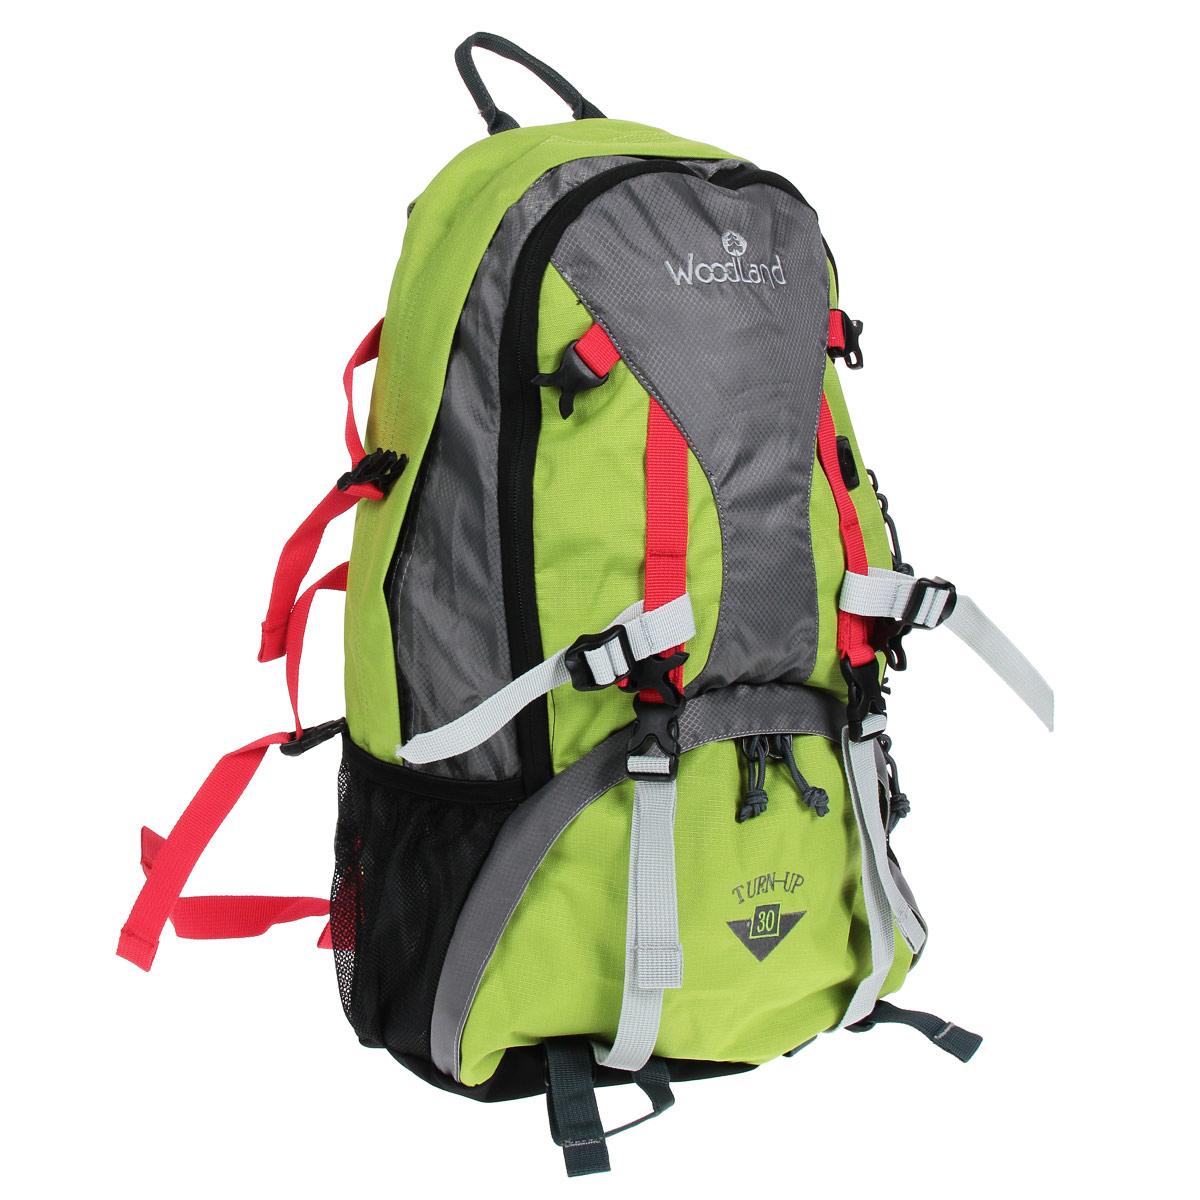 Рюкзак WoodLand Turn-Up 30, цвет: зеленый, серыйУТ-000057383Рюкзак WoodLand Turn-Up 30 будет вашим верным спутником в ежедневных поездках. Функциональный дизайн приятно удивит вас. Бесчисленные карманы, в том числе, встроенный органайзер, помогут удобно разместить необходимые вещи. Компрессионные стяжки позволяют регулировать объем и балансировать вес уложенного рюкзака.Особенности рюкзака:Два входа в основное отделение.Диафрагма типа кулиска, перекрывается затягиванием шнура и фиксируется стоппером.Фронтальный карман с органайзером и дополнительным отделением.Кармашки для мелочей в крыльях поясного ремня.S-образные лямки.Грудная стяжка с резиновым компенсатором.Пластиковая фурнитура YKK.